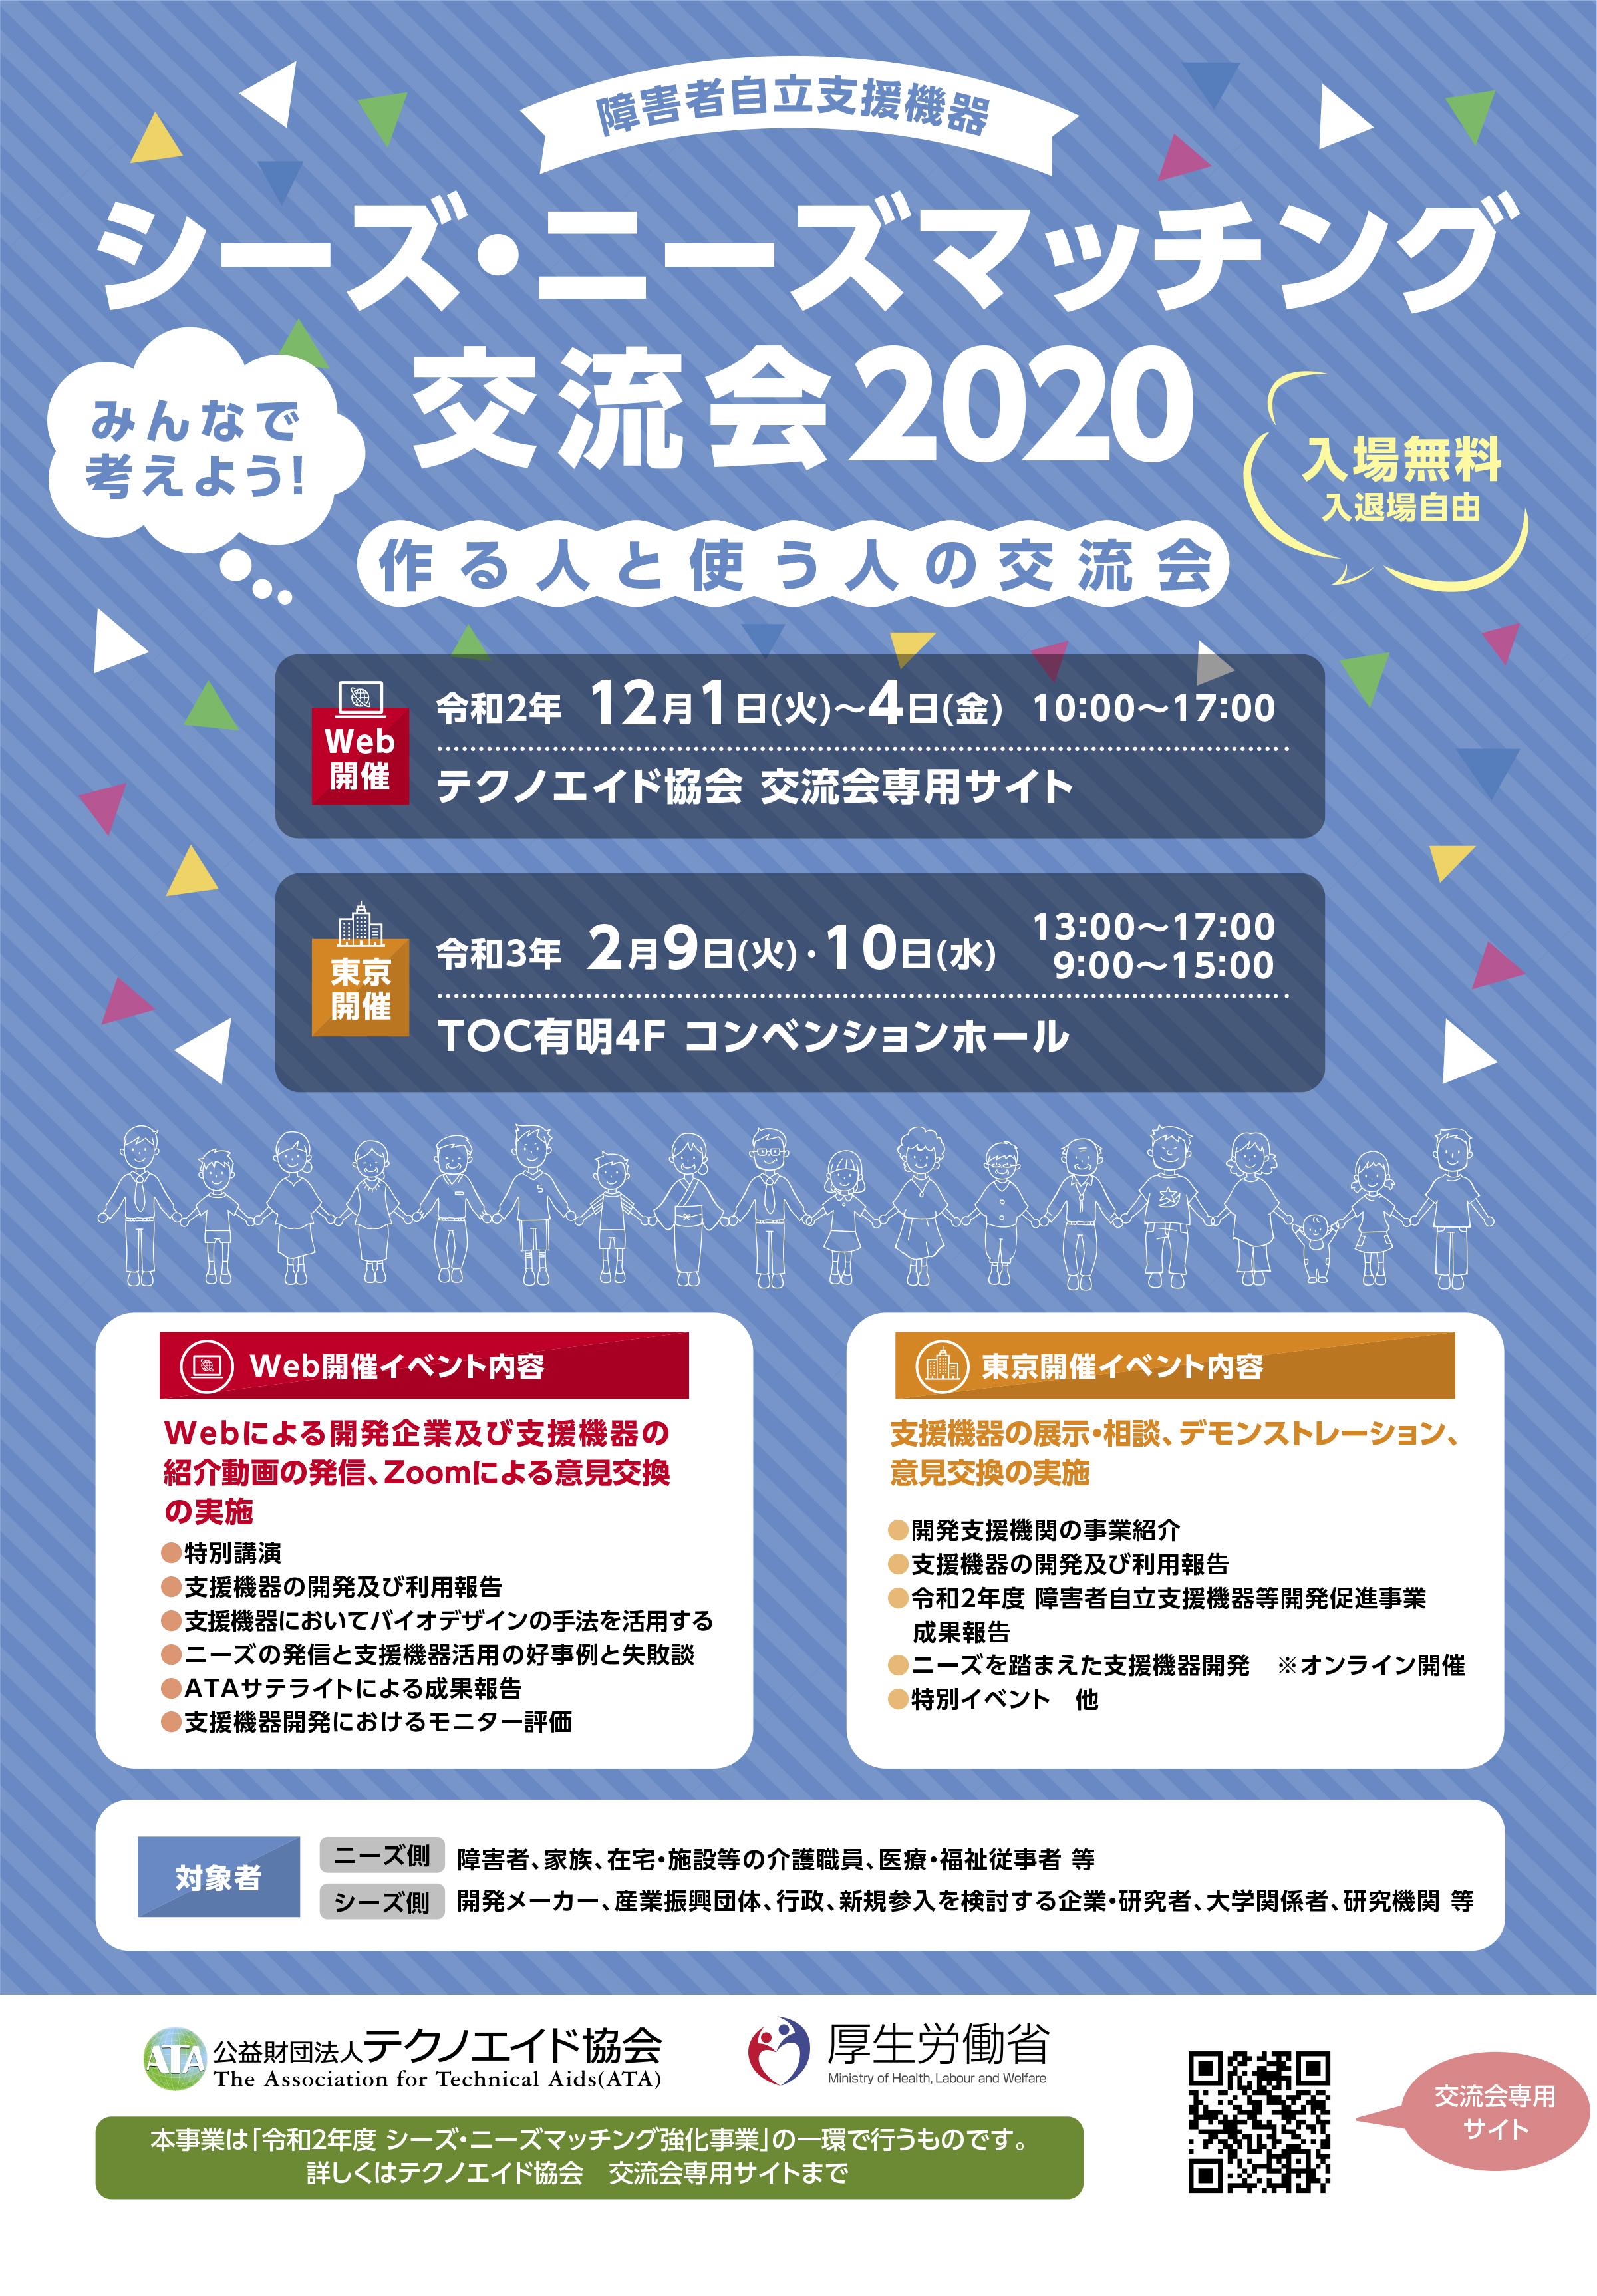 シーズ・ニーズマッチング交流会2020